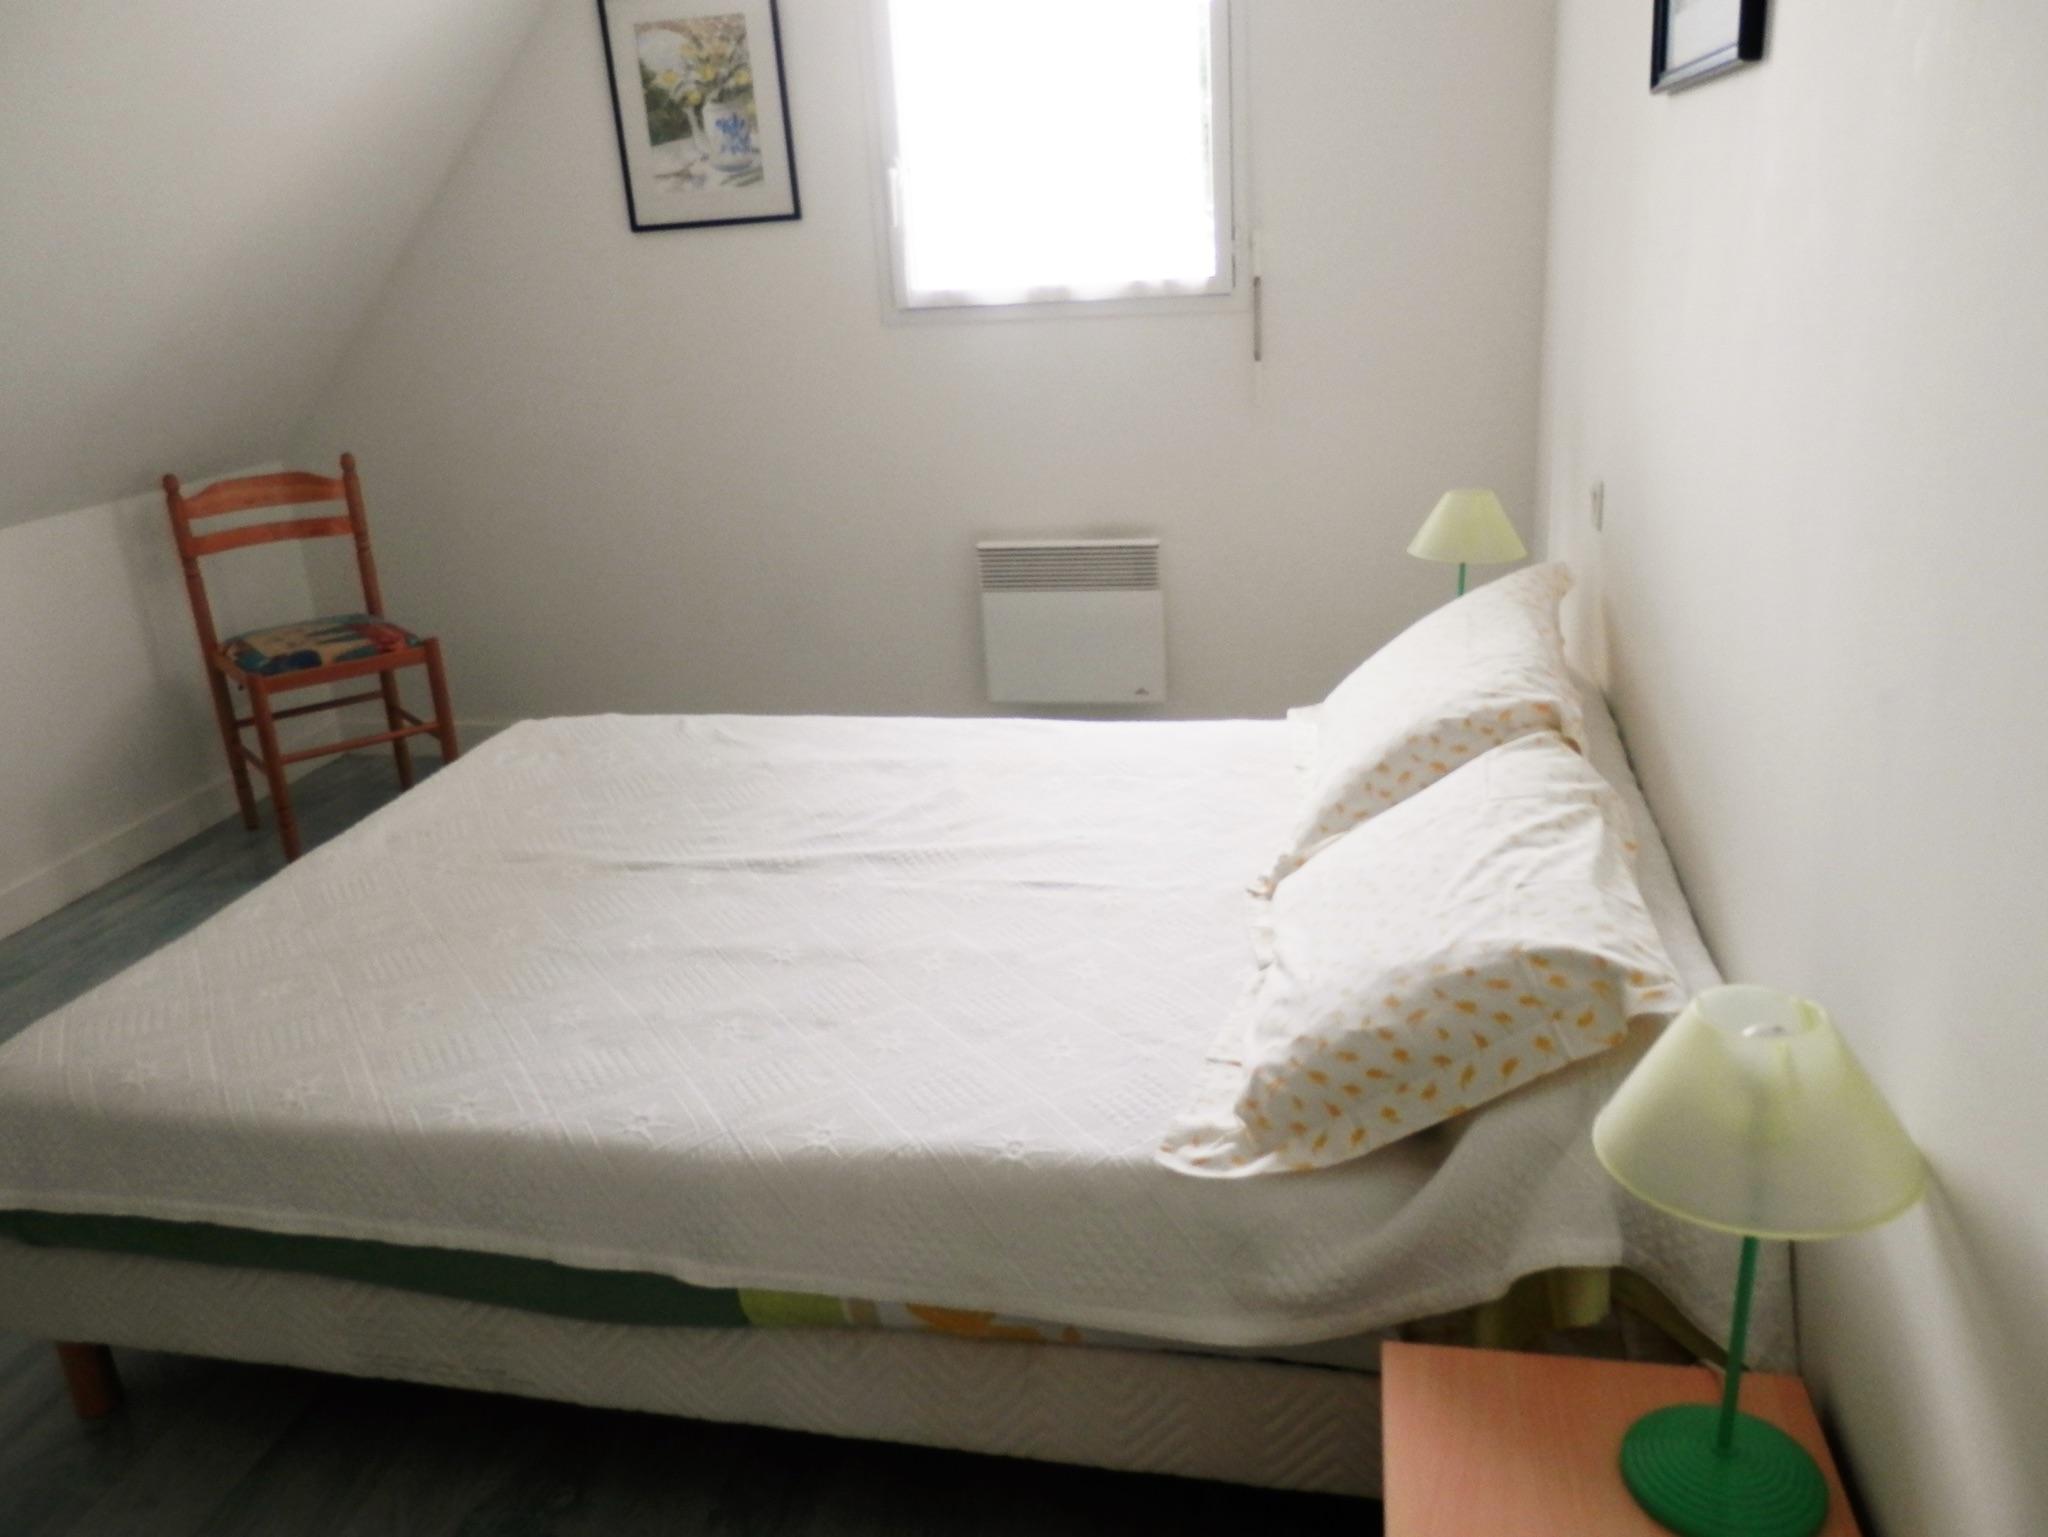 Holiday apartment Modernes wohnung in Arzon mit zwei Schlafzimmern, Terrasse und Blick auf die Stadt - für v (2201249), Arzon, Atlantic coast Morbihan, Brittany, France, picture 9